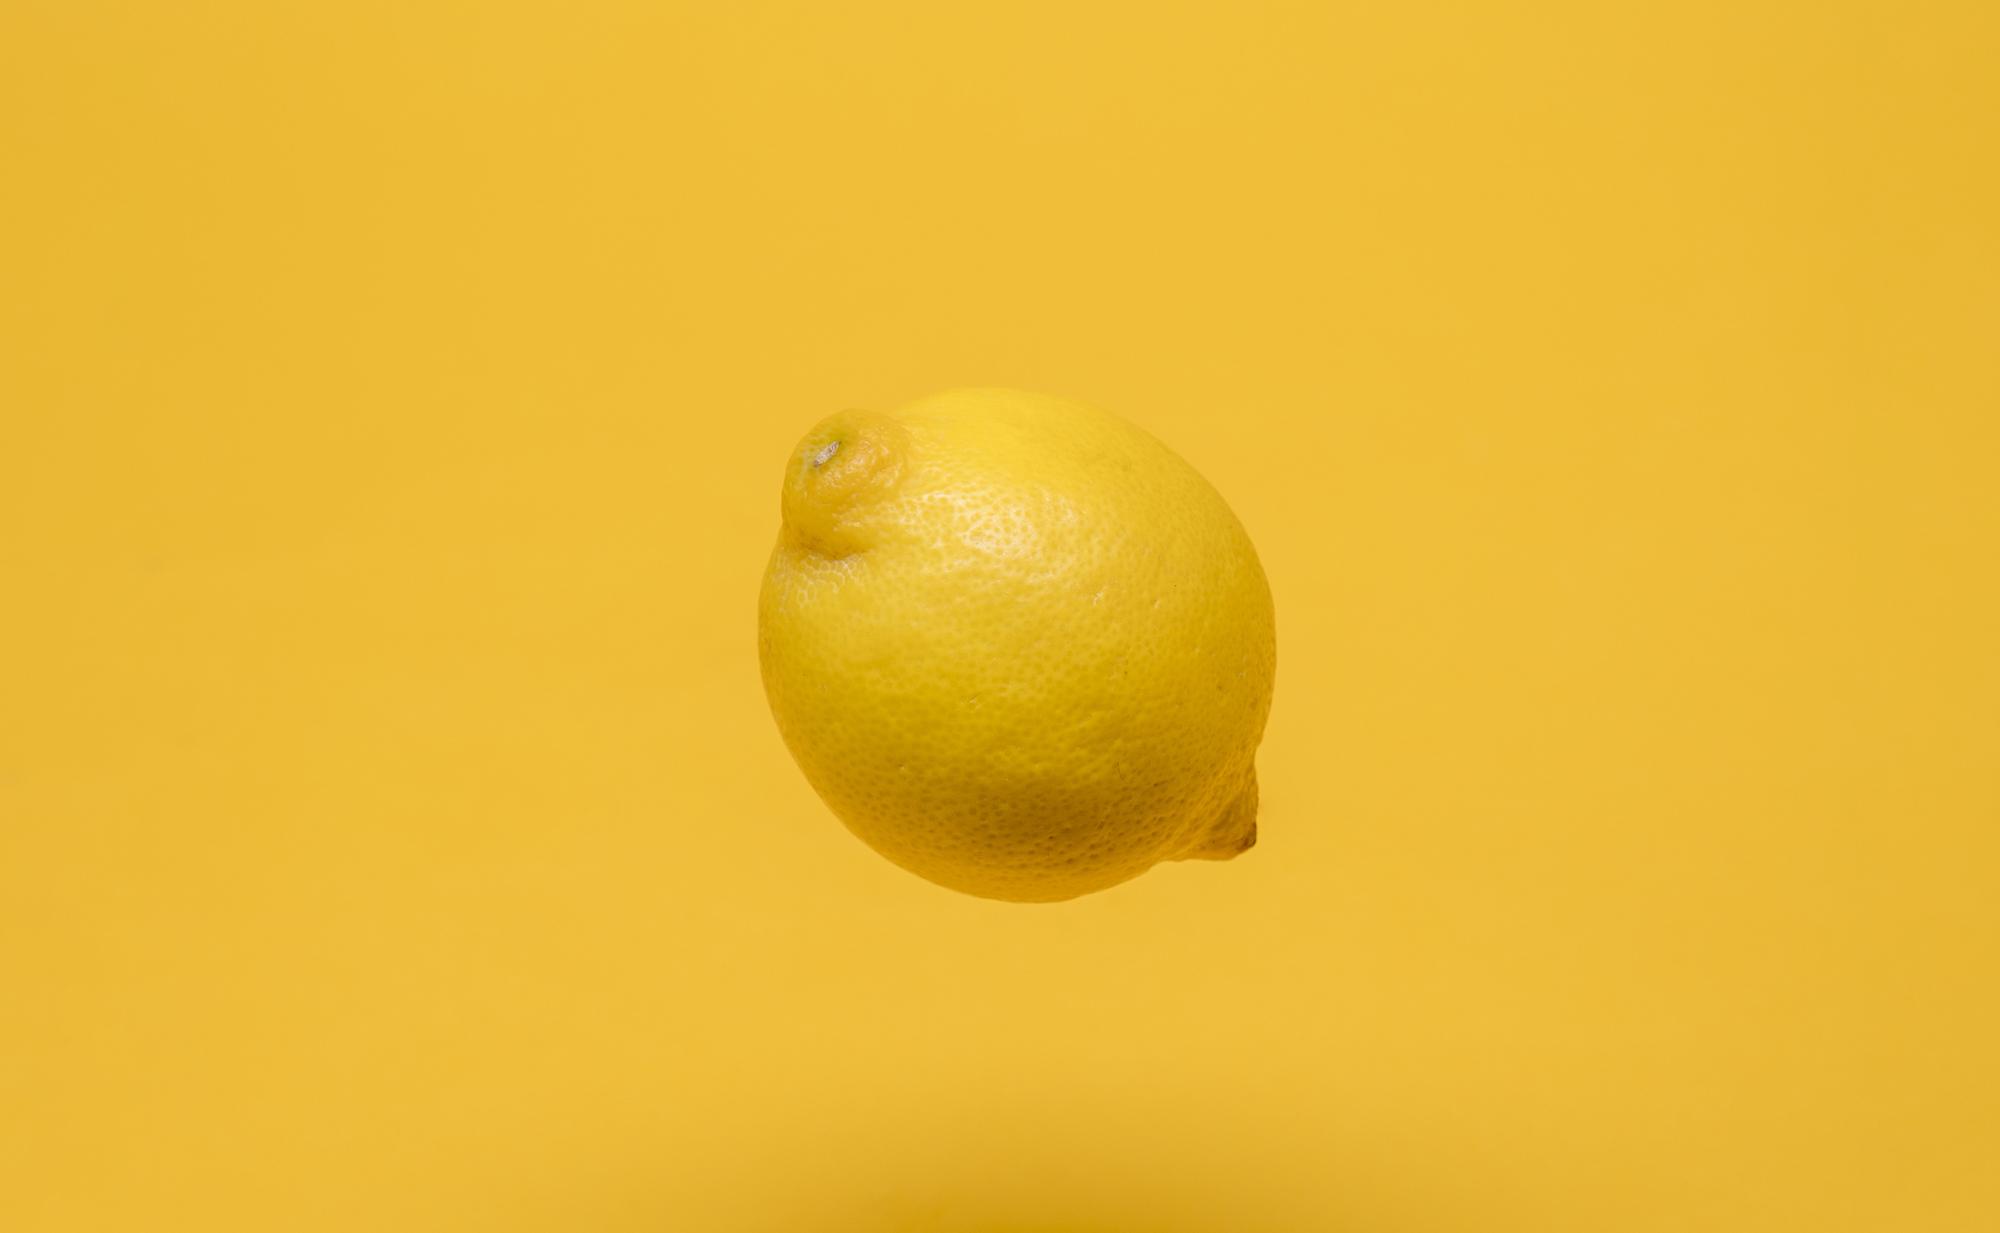 ASX shares lemon